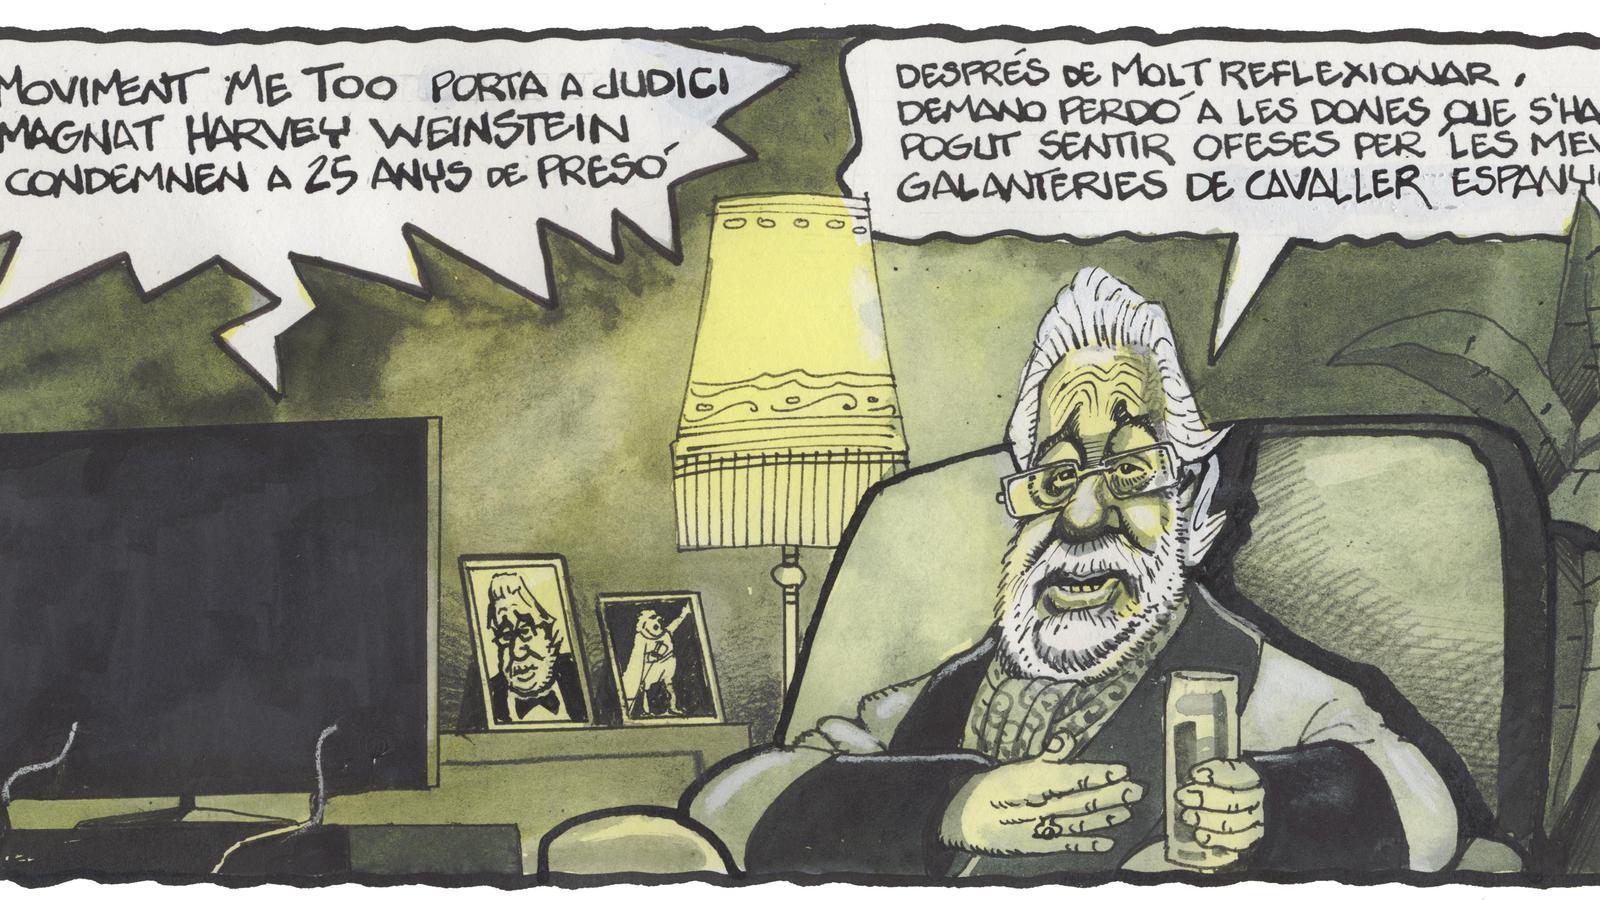 'A la contra', per Ferreres 28/02/2020